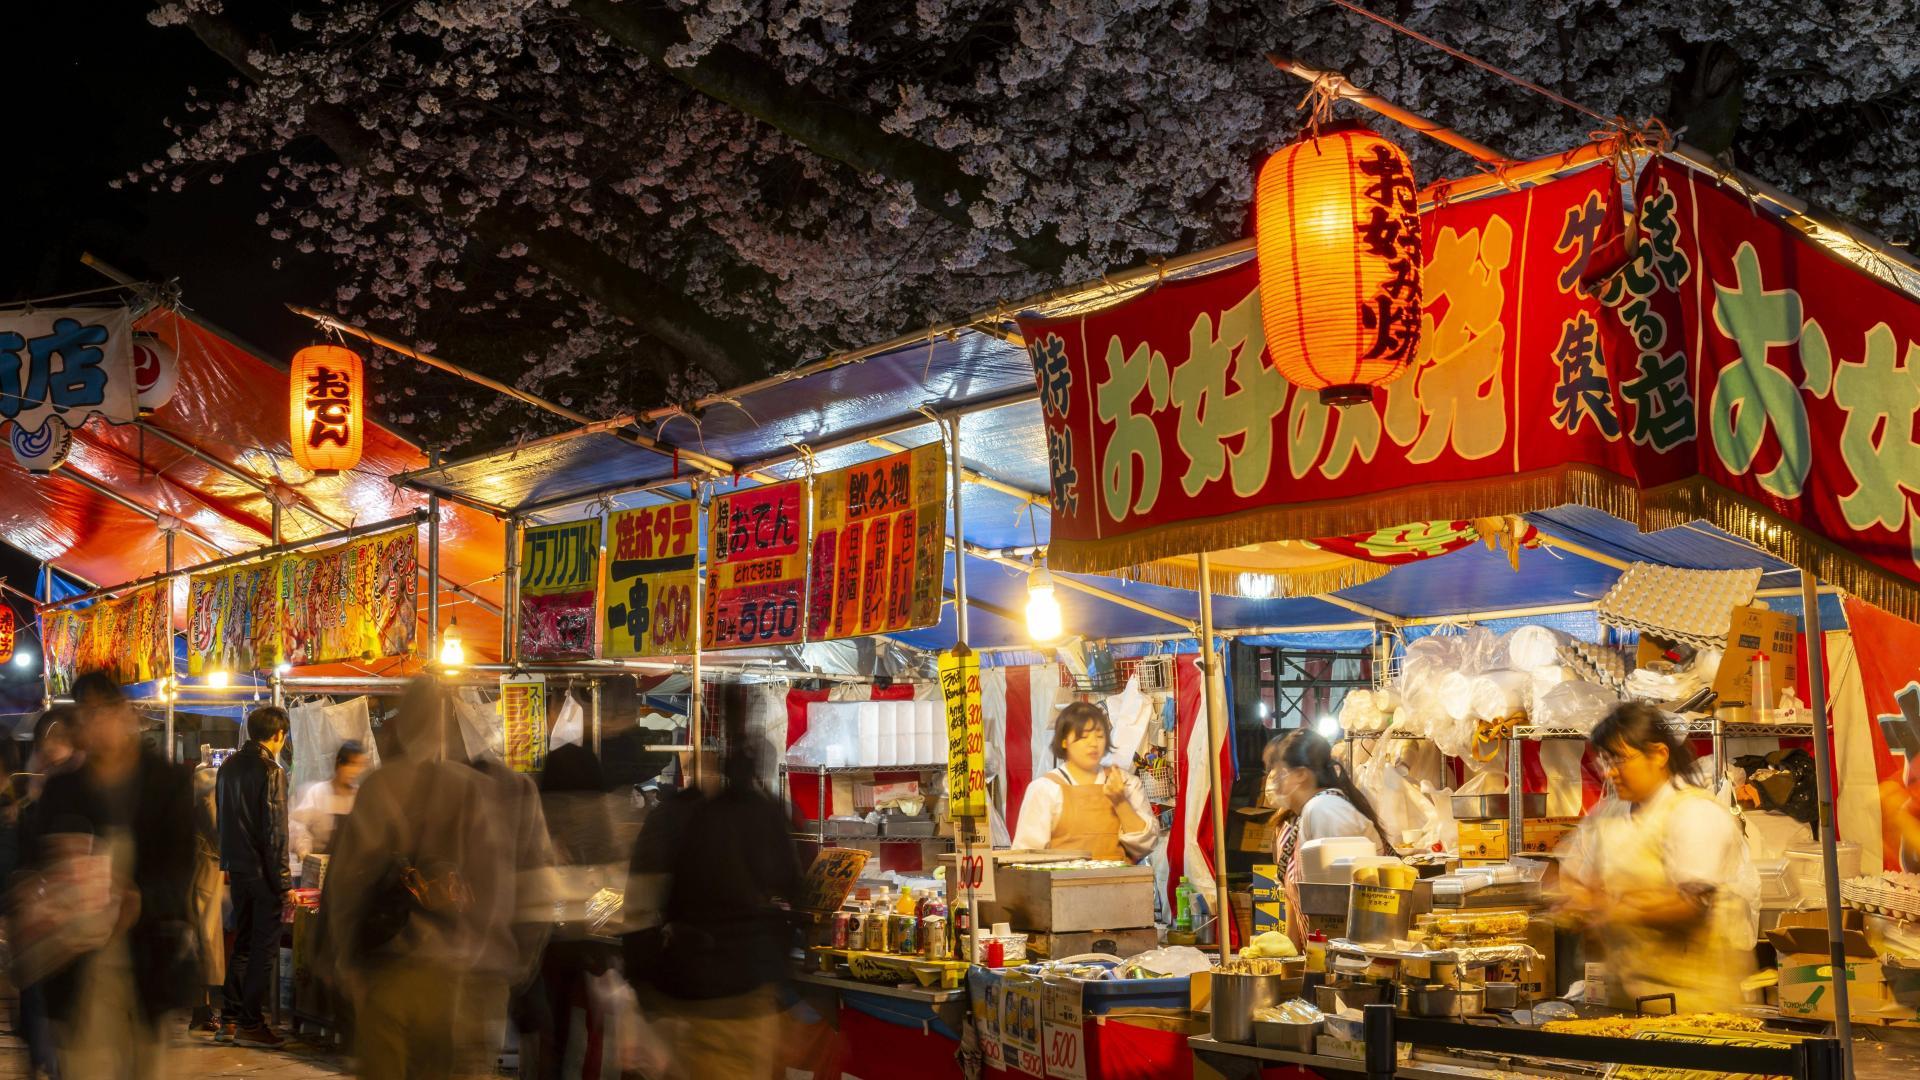 japanische Küche, japanische Ernährung, Kirschblütenfest